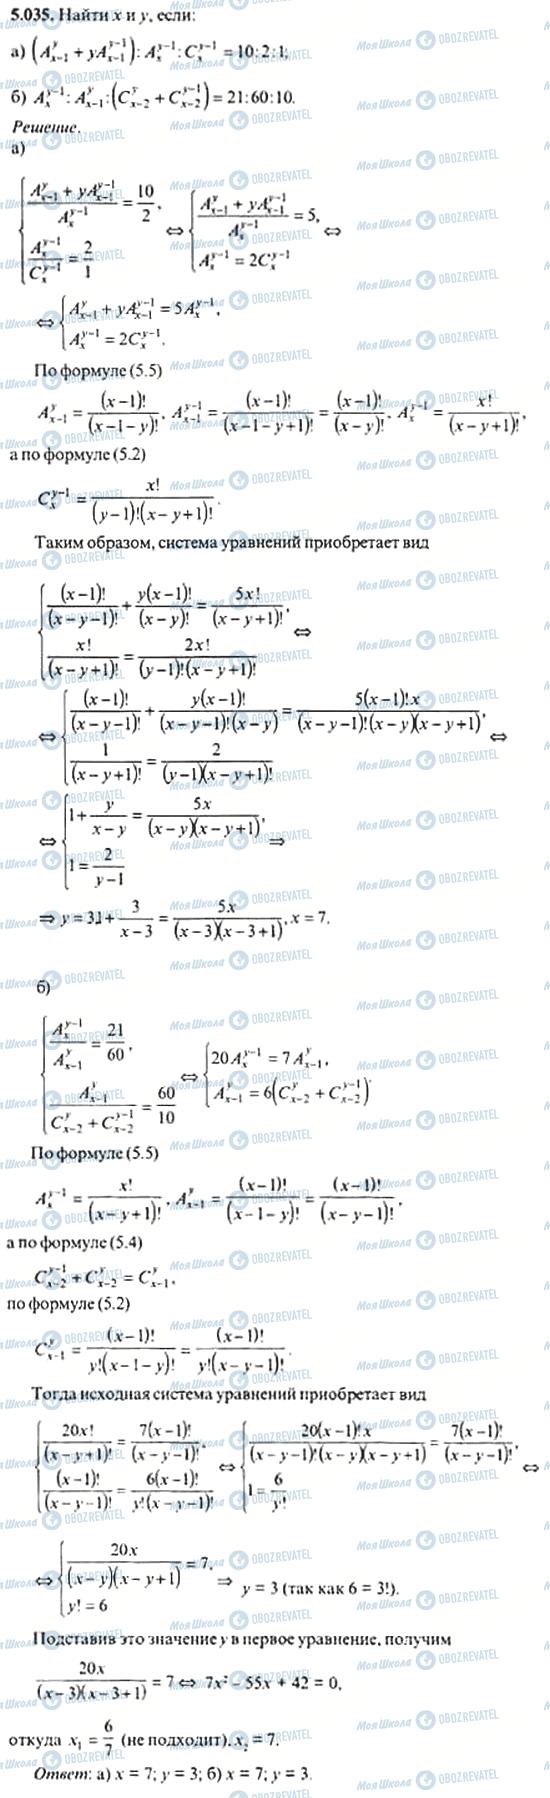 ГДЗ Алгебра 11 класс страница 5.035